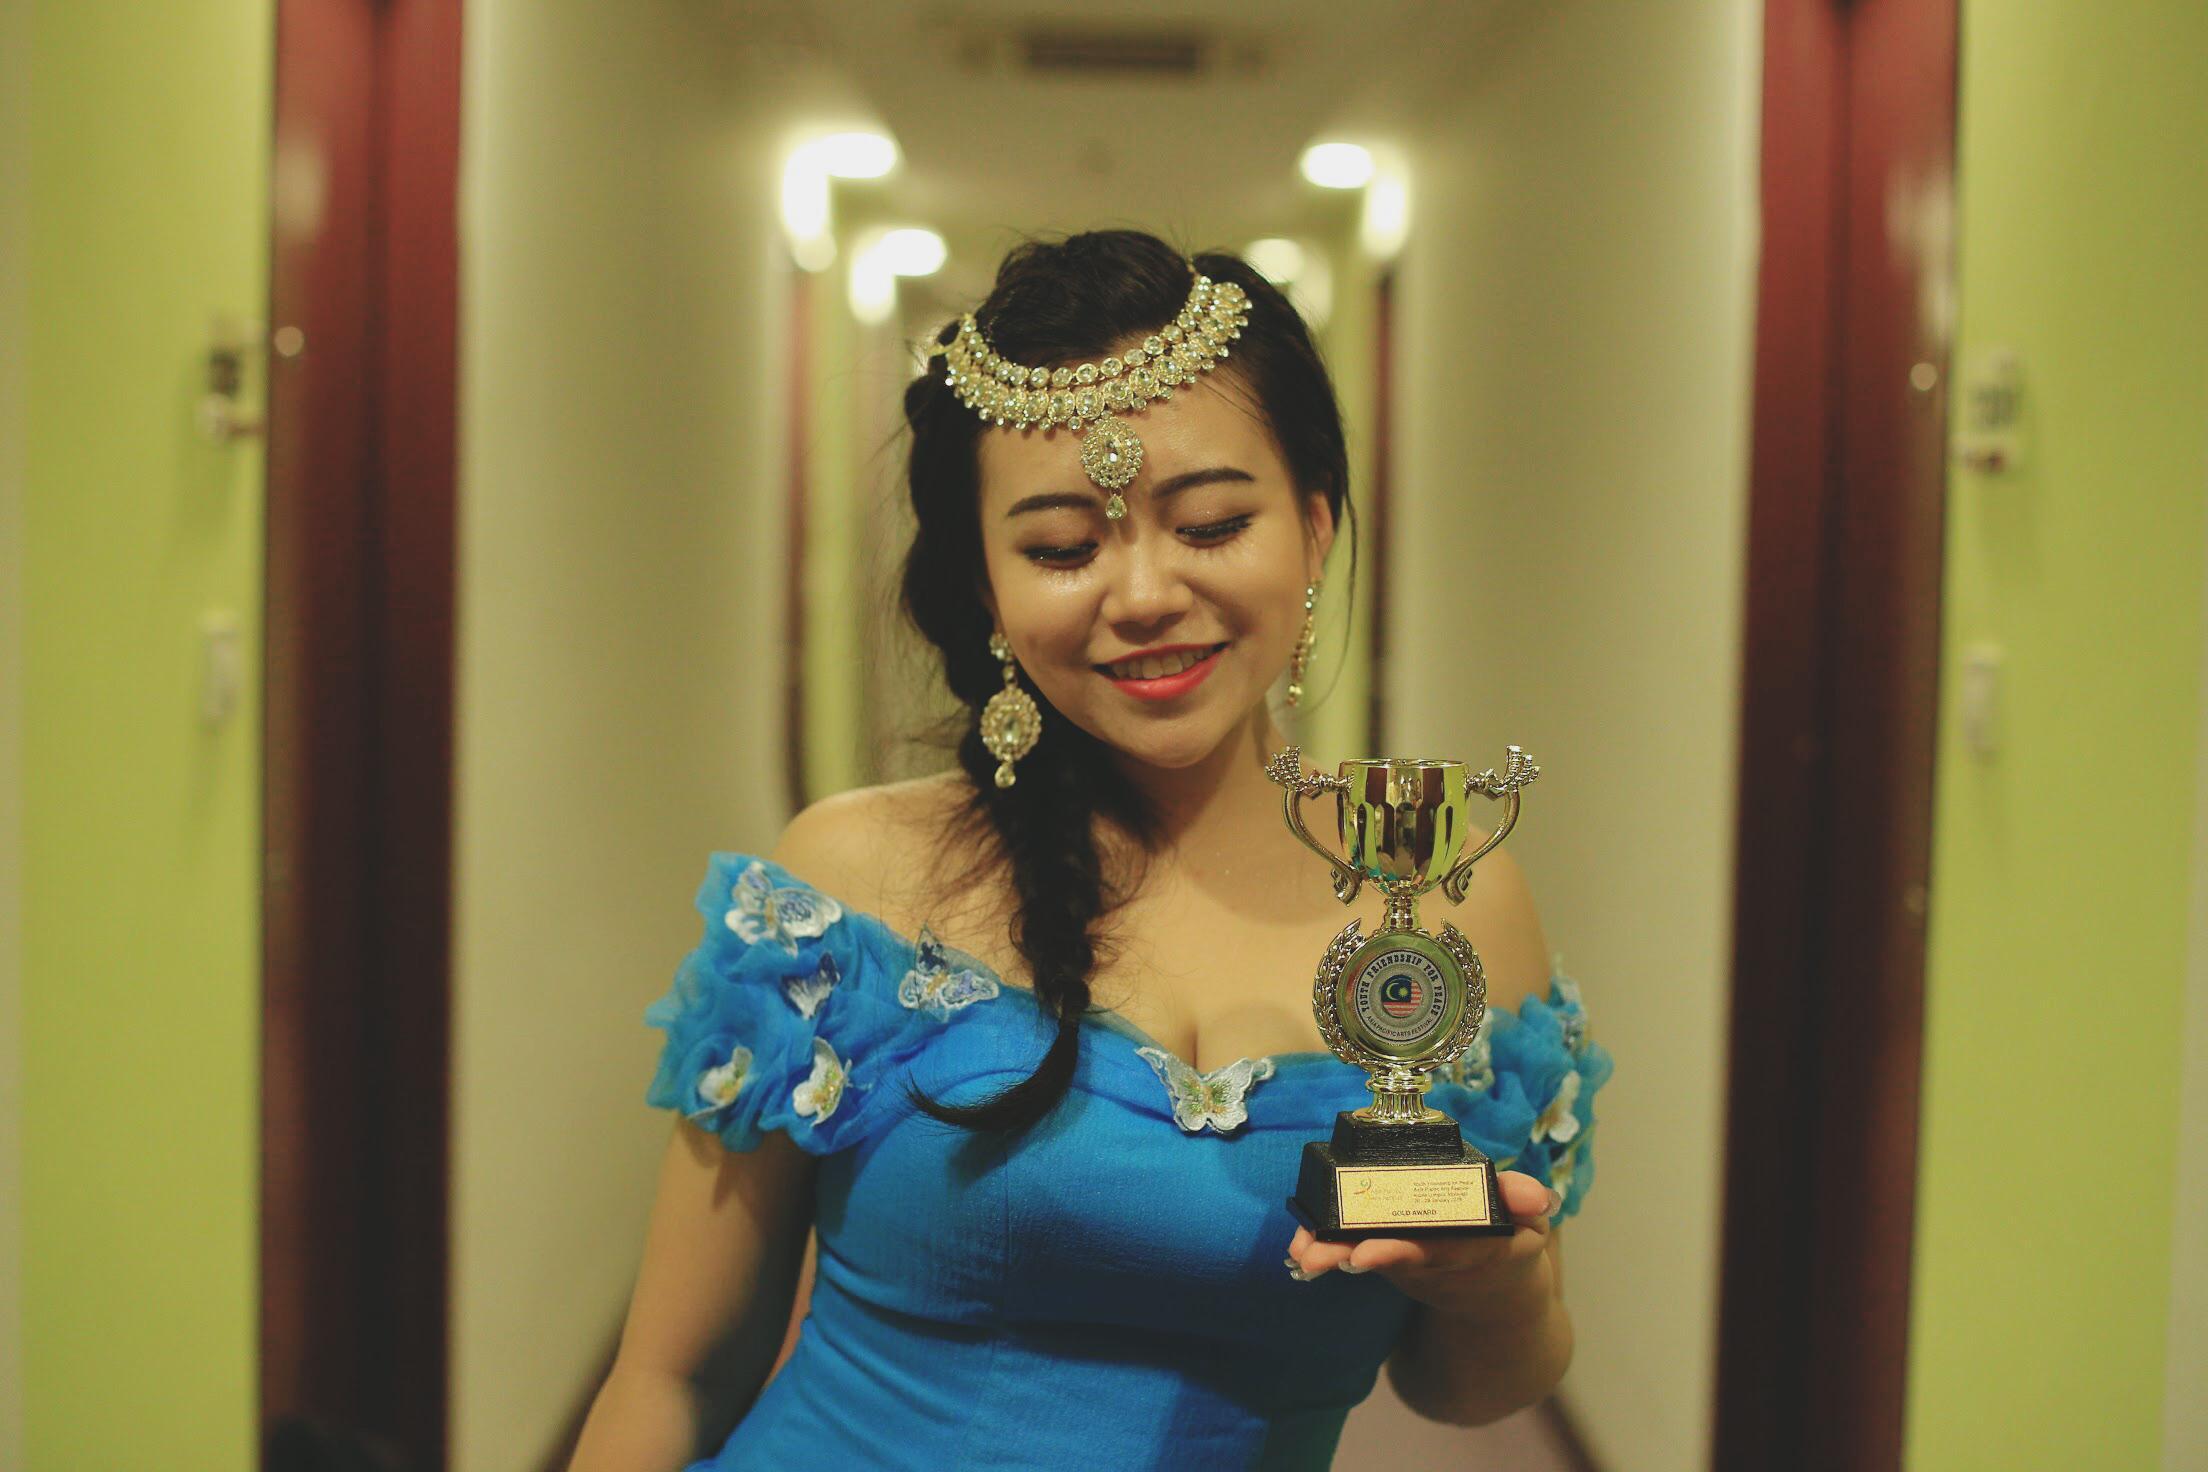 Tài năng trẻ Opera Thảo Ly: Từ cô sinh viên Hà thành đến giải Vàng nghệ thuật Châu Á-1